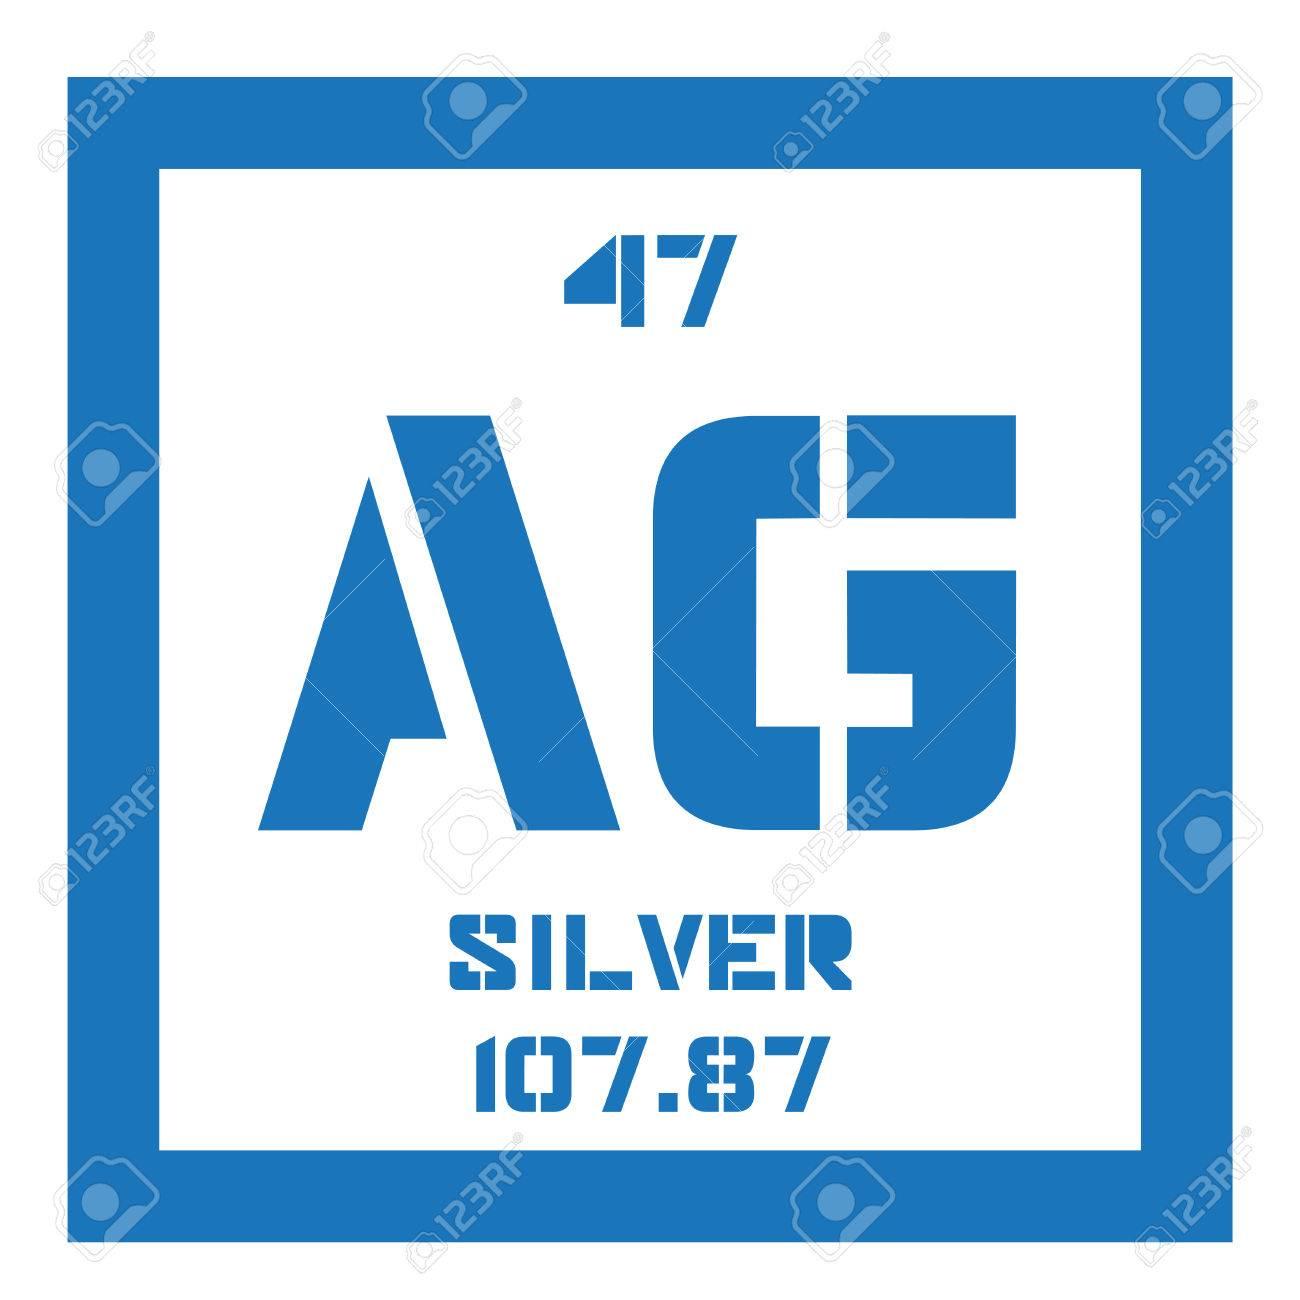 Elemento qumico de plata metal precioso icono de color con el tabla peridica elemento qumico de plata metal precioso icono de color con el nmero atmico y urtaz Gallery